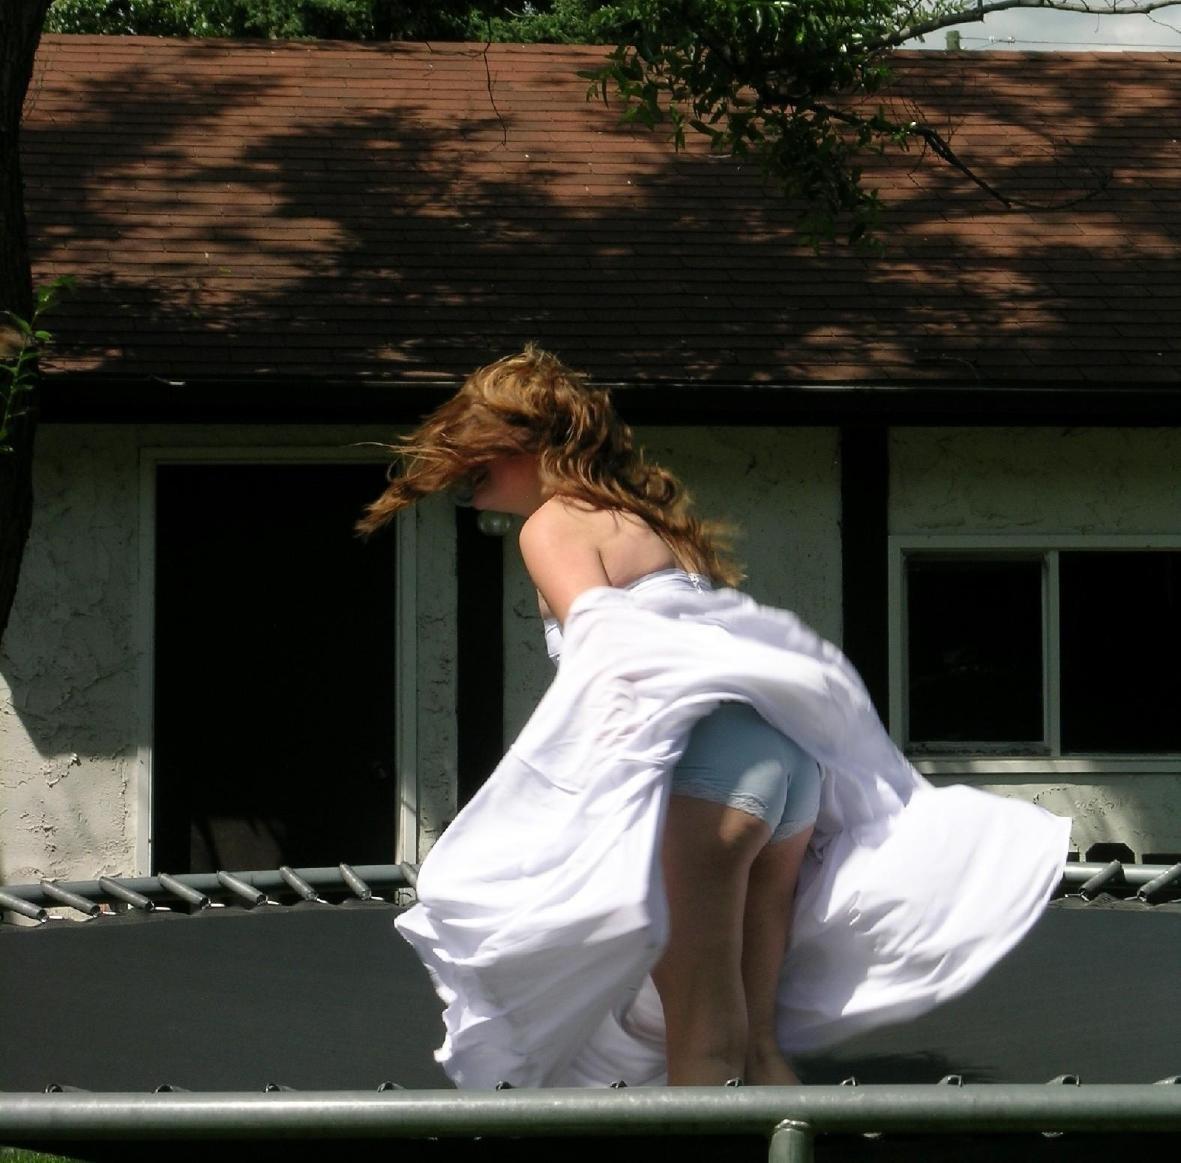 【パンチラエロ画像】捲れても隠さない人もいるw突然の風がもたらすパンチラwww 15